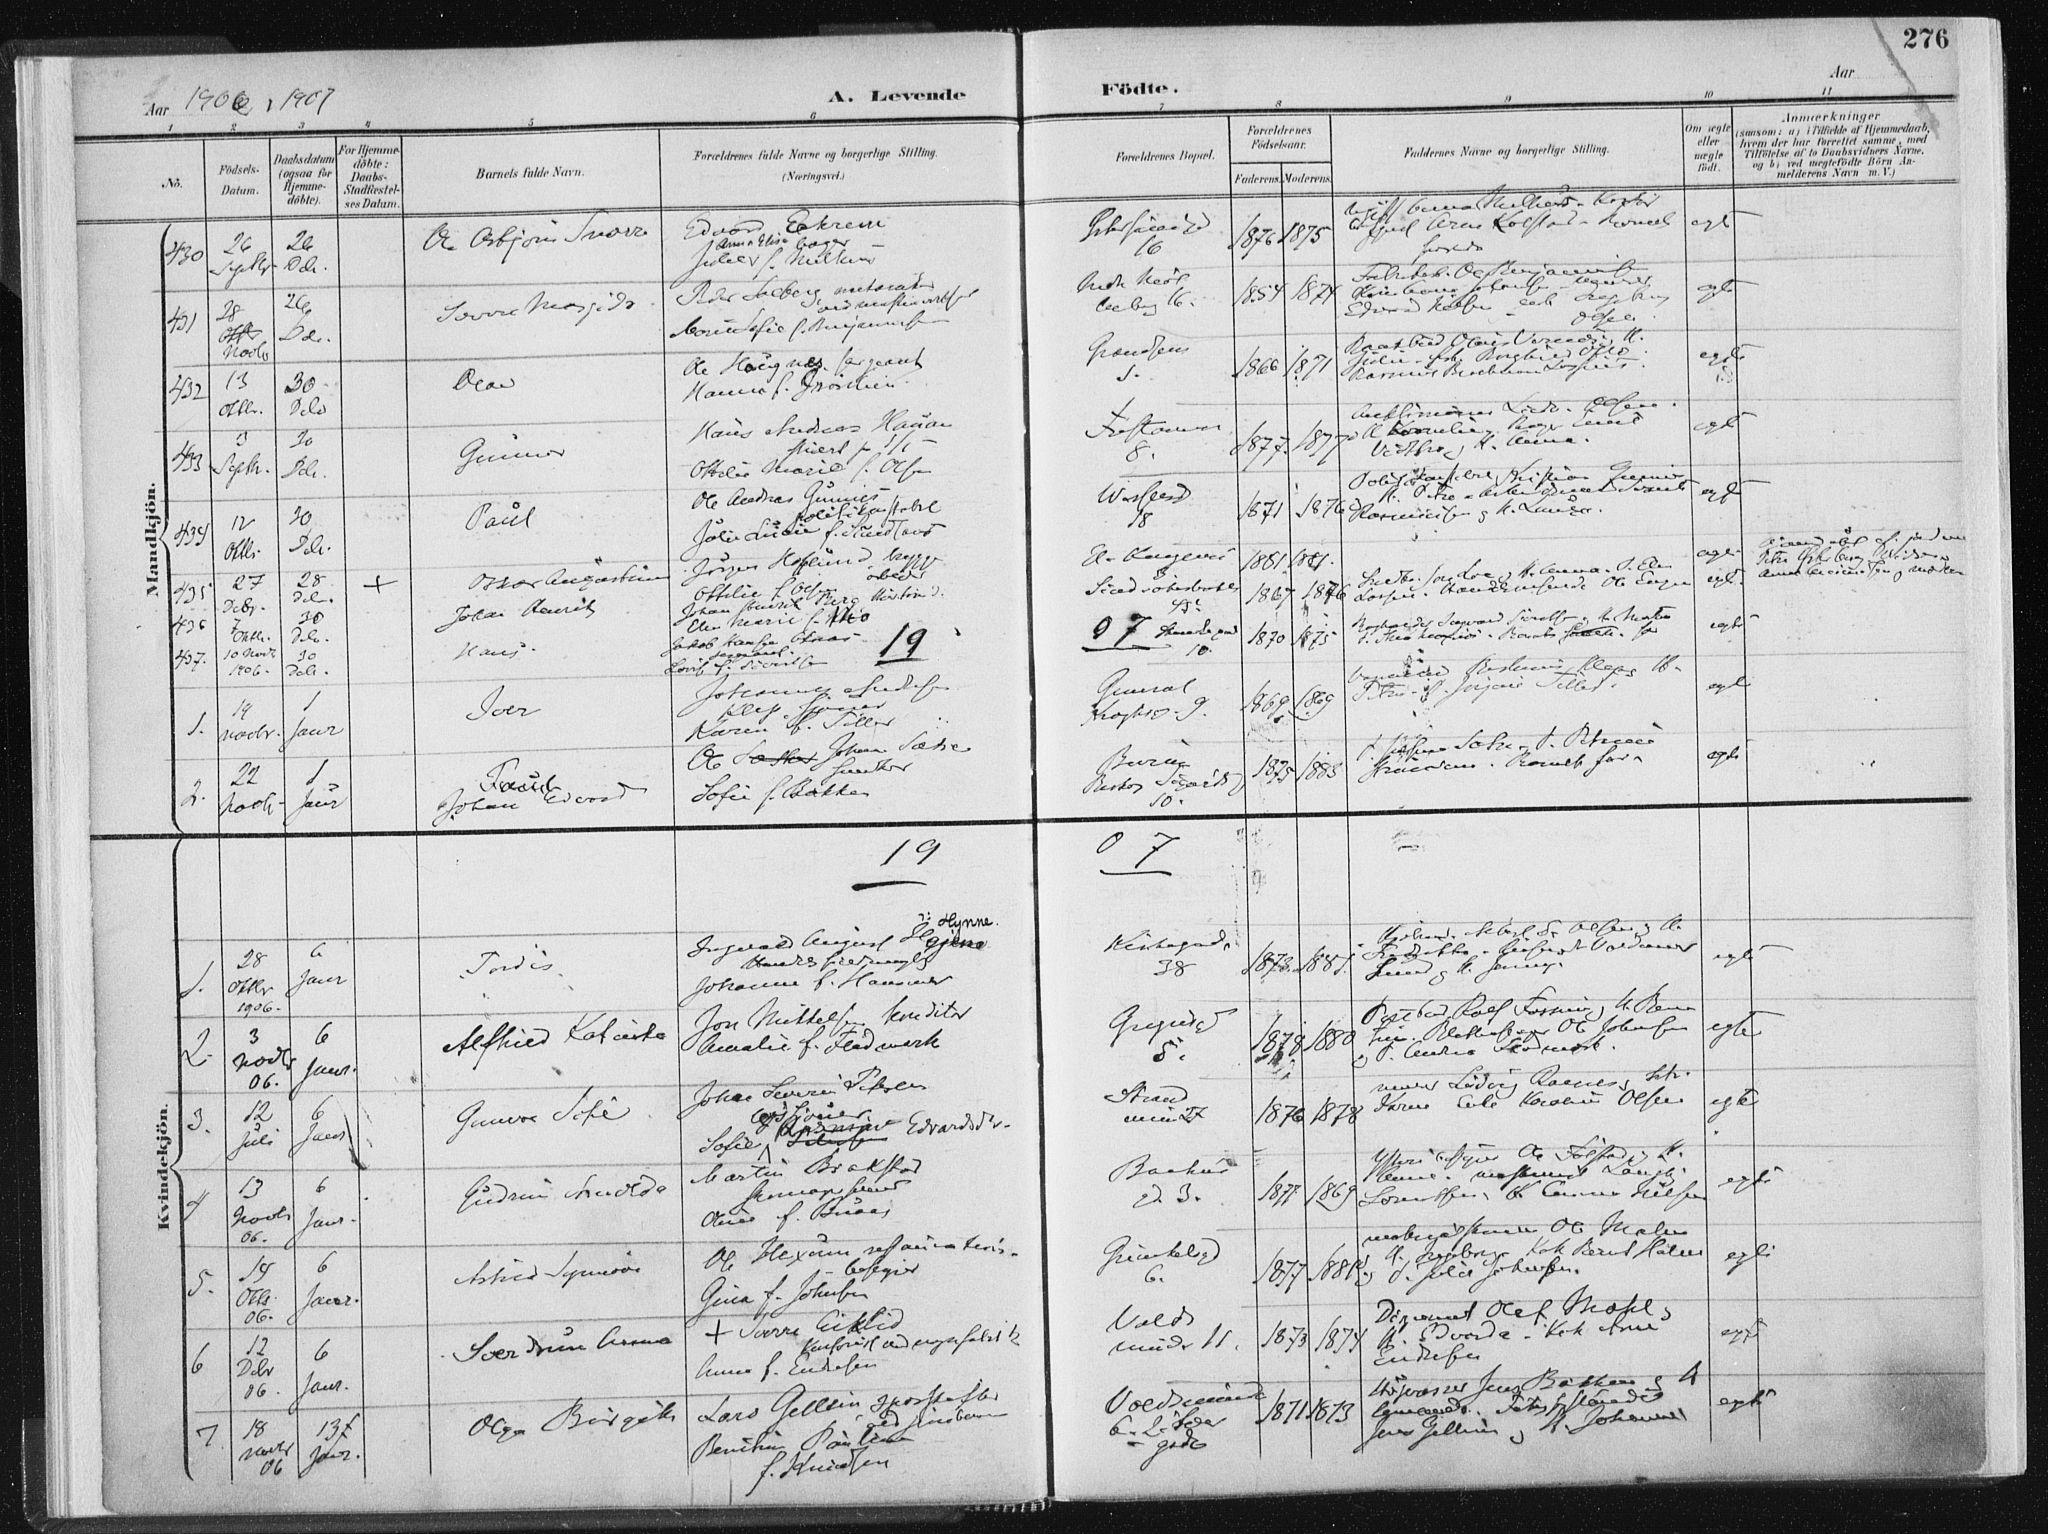 SAT, Ministerialprotokoller, klokkerbøker og fødselsregistre - Sør-Trøndelag, 604/L0200: Ministerialbok nr. 604A20II, 1901-1908, s. 276